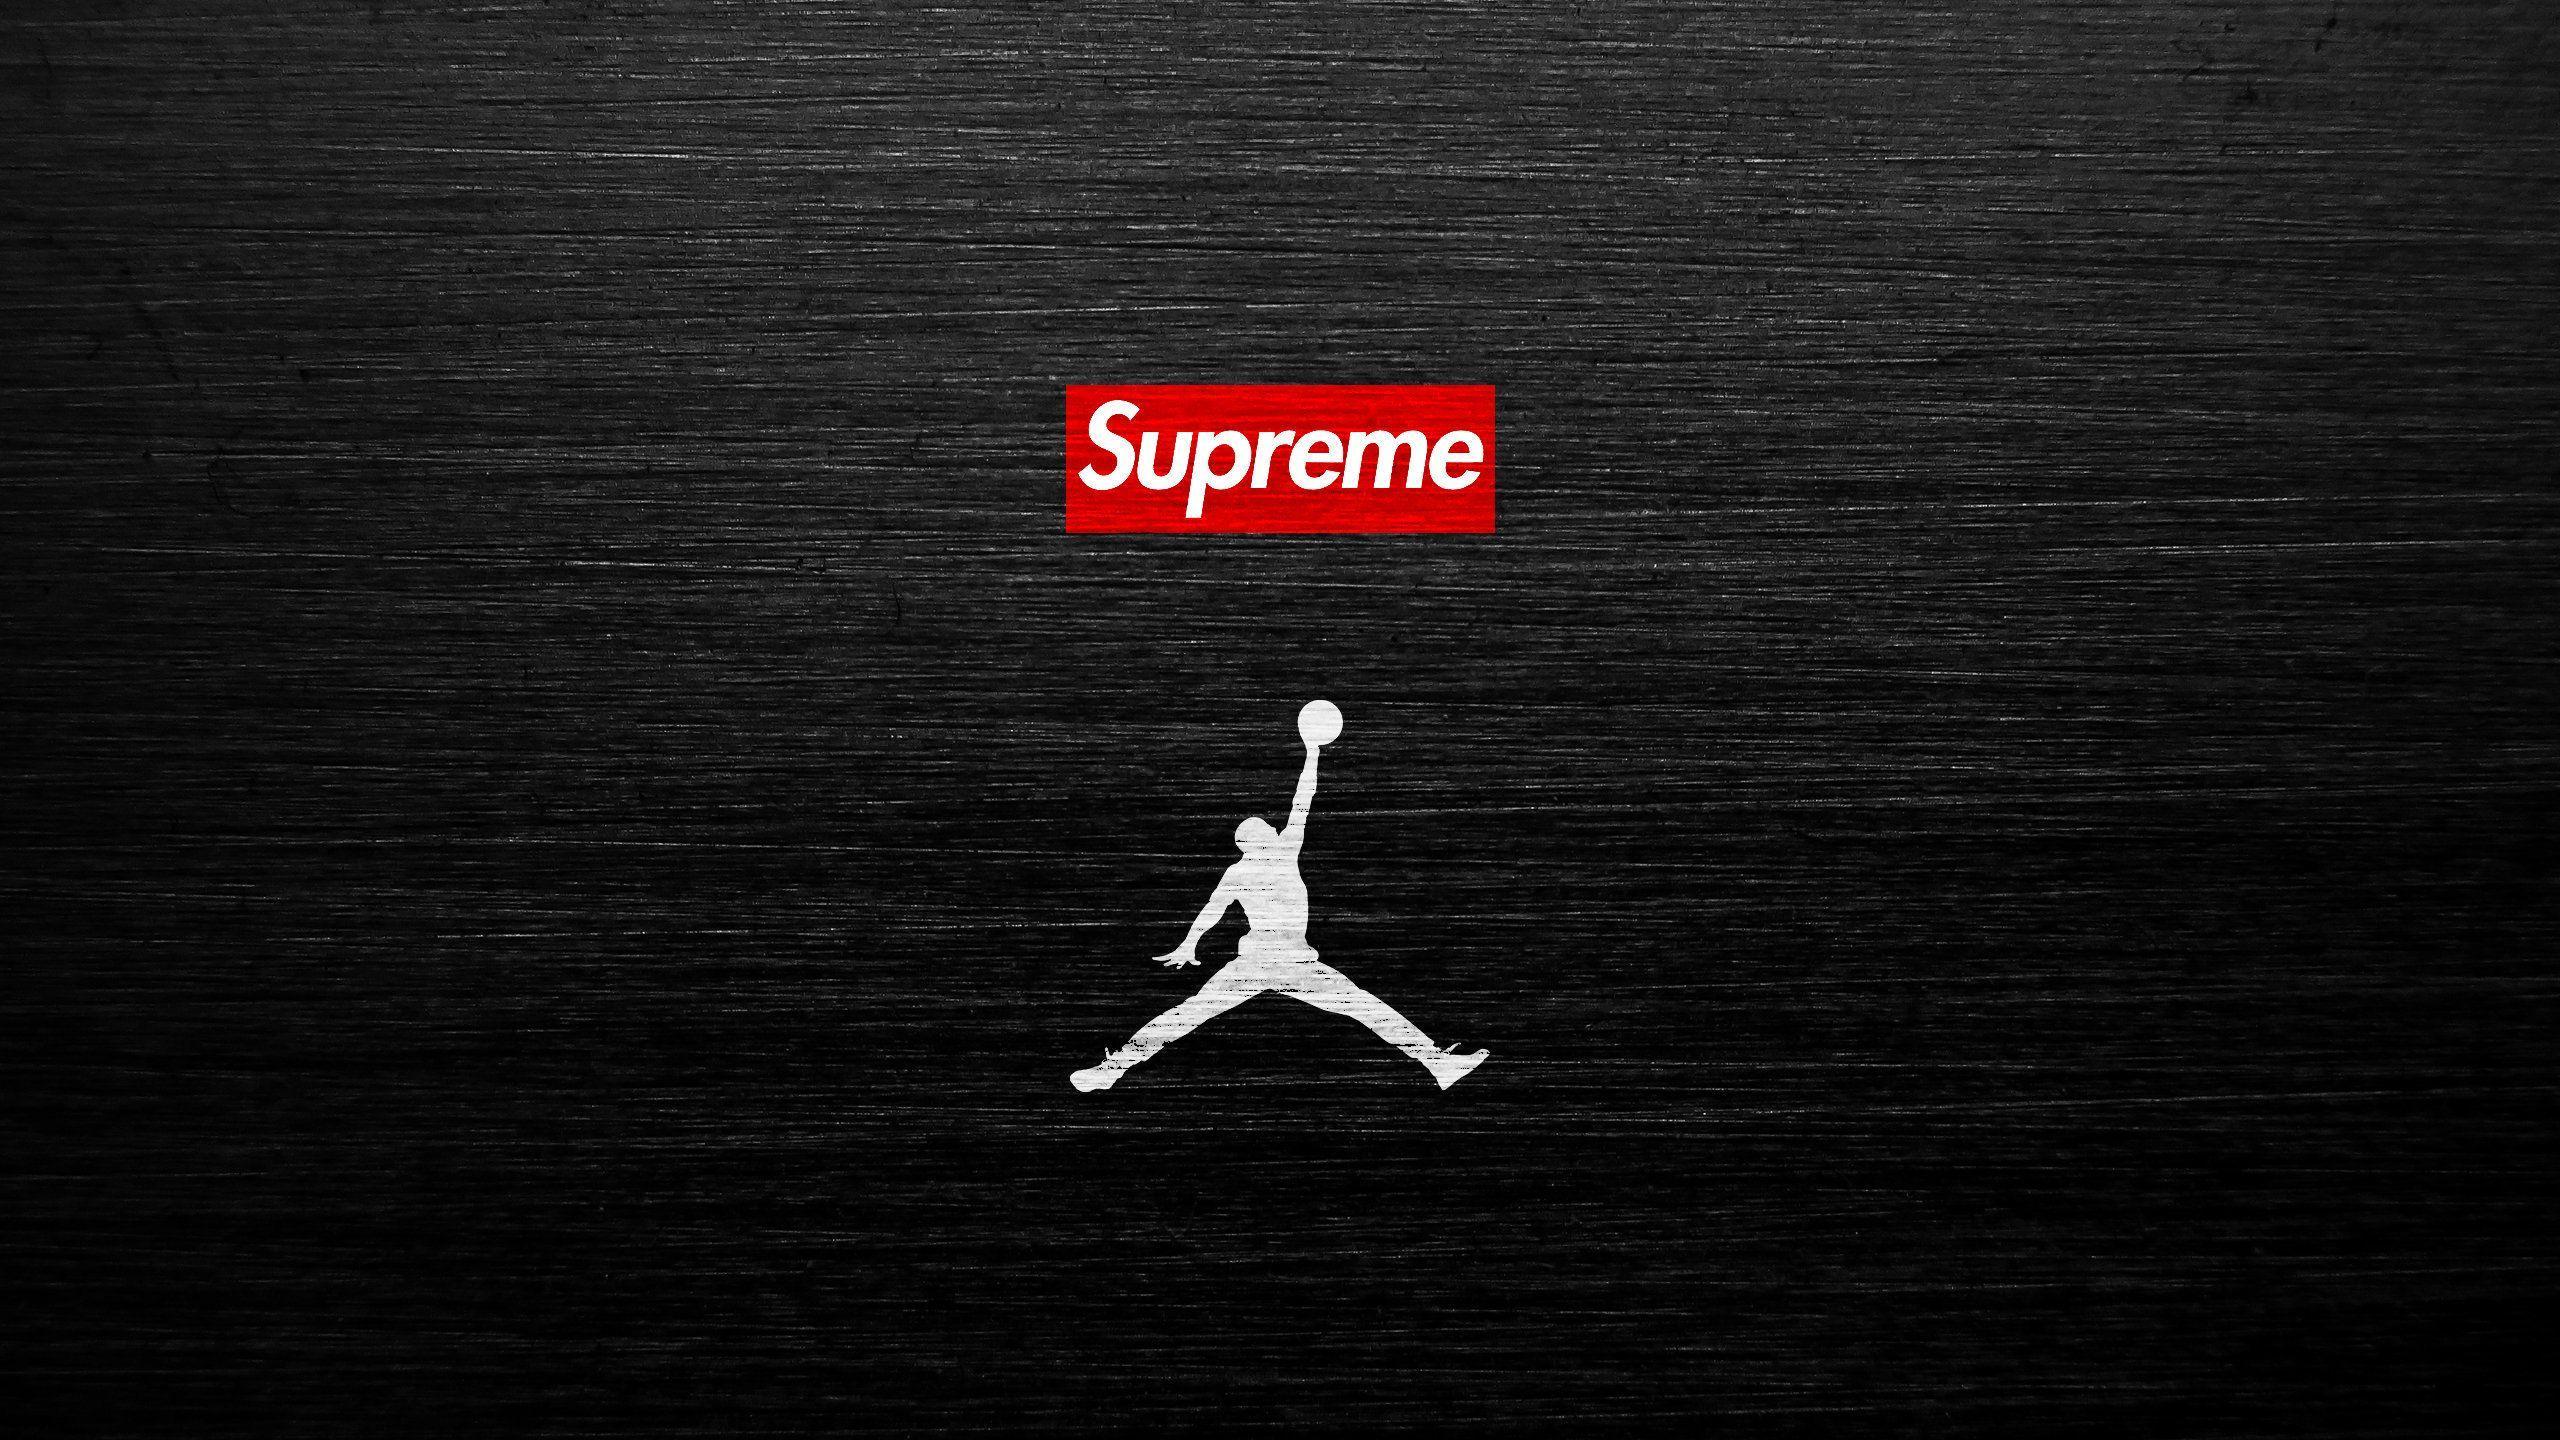 Supreme x Jordan Wallpaper : streetwear Streetwear